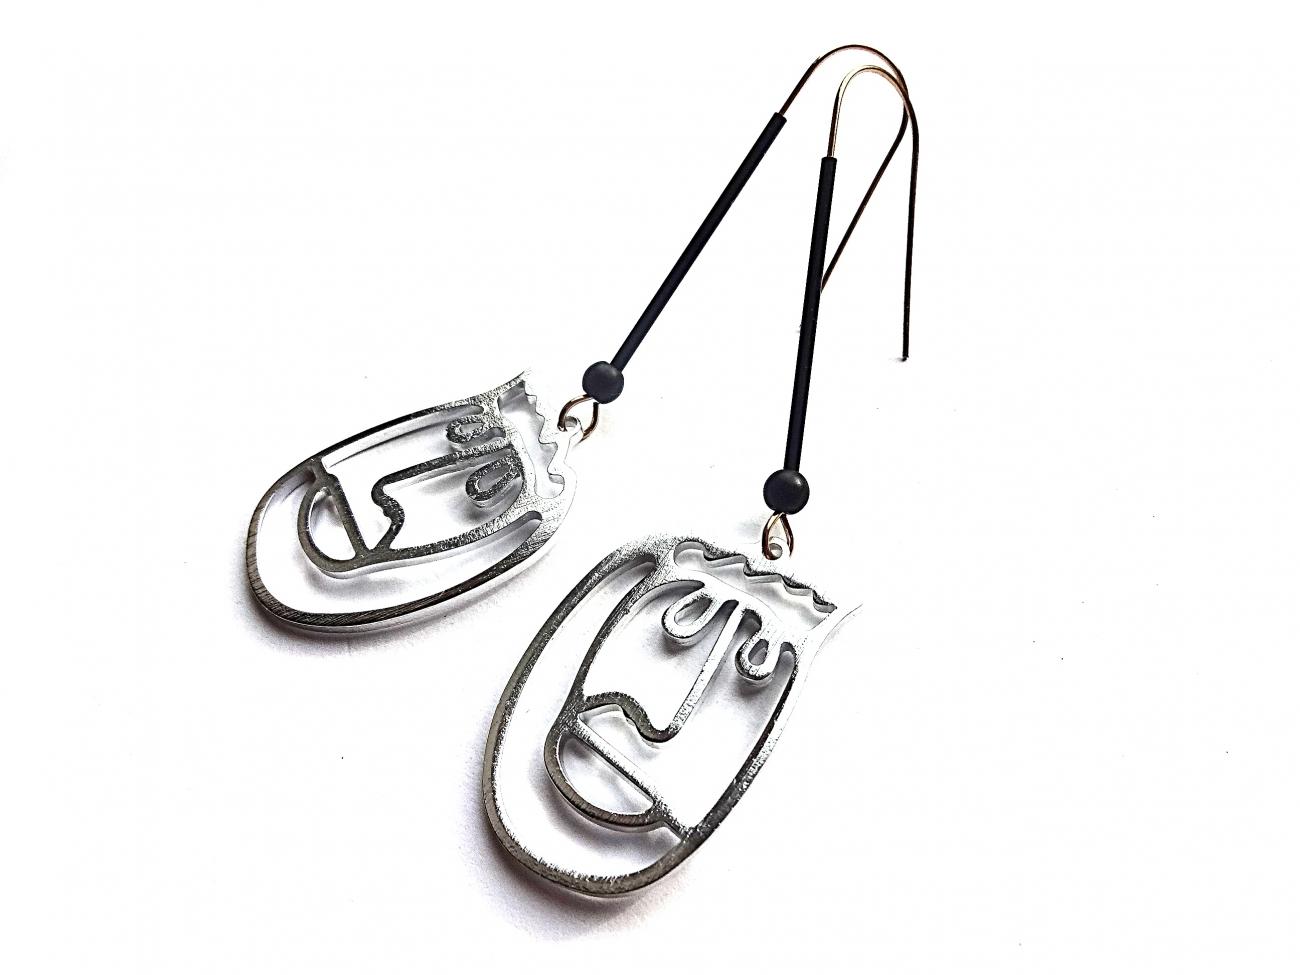 Auskarai veidai iš sidabru dengto aliuminio ir oksiduoto žalvario